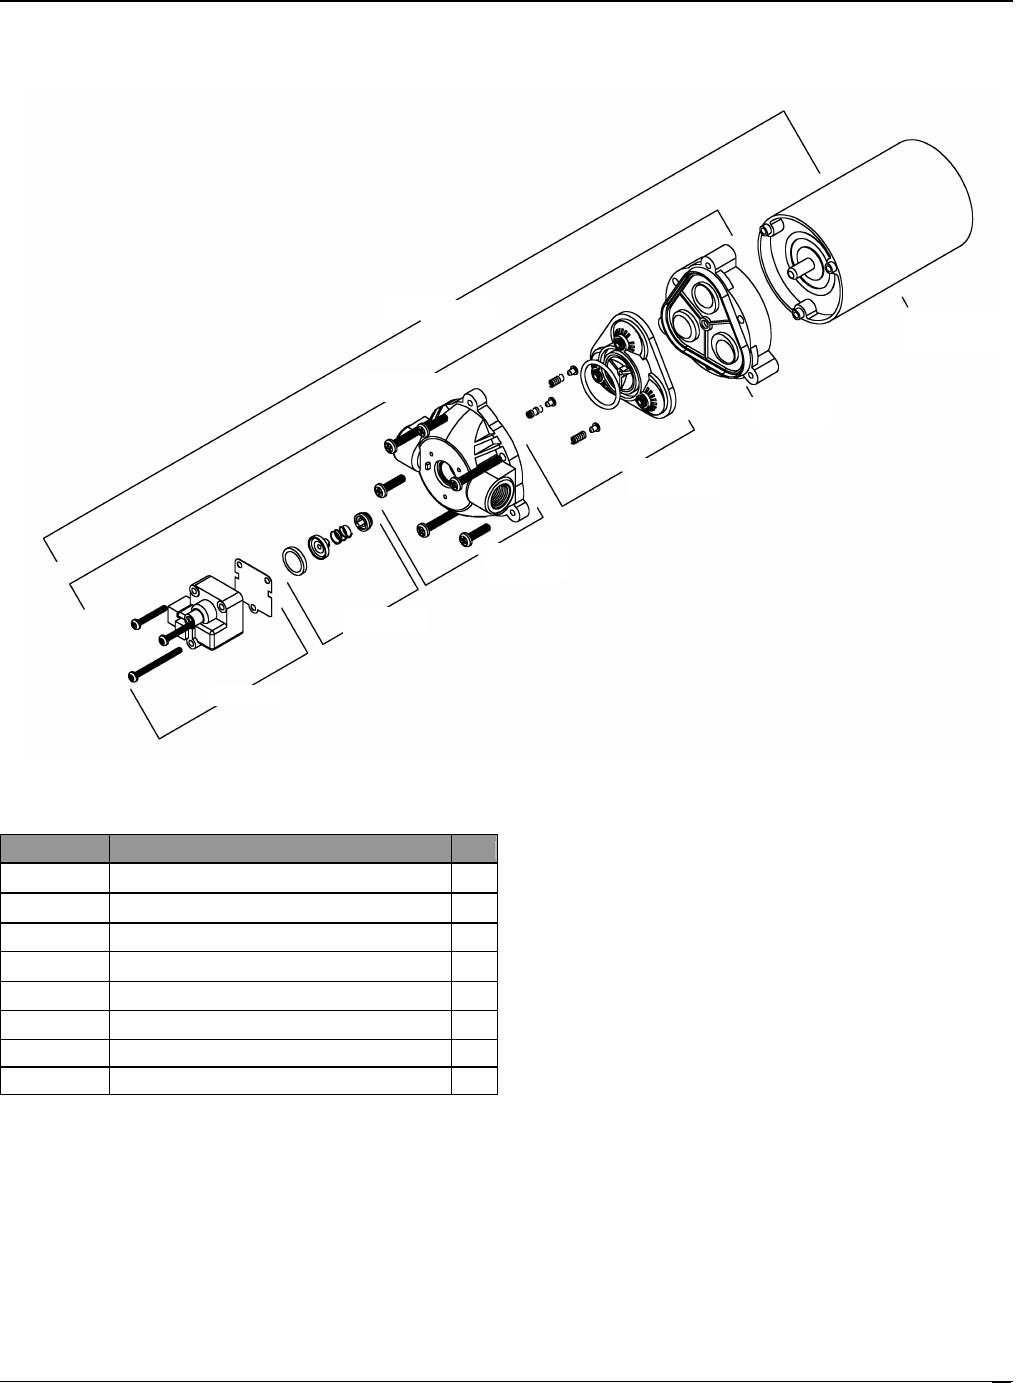 Man 650 220 Raptor Owners Manual Man650 Fileman650 Wiring Diagram 120 36400 E3 04 01 15